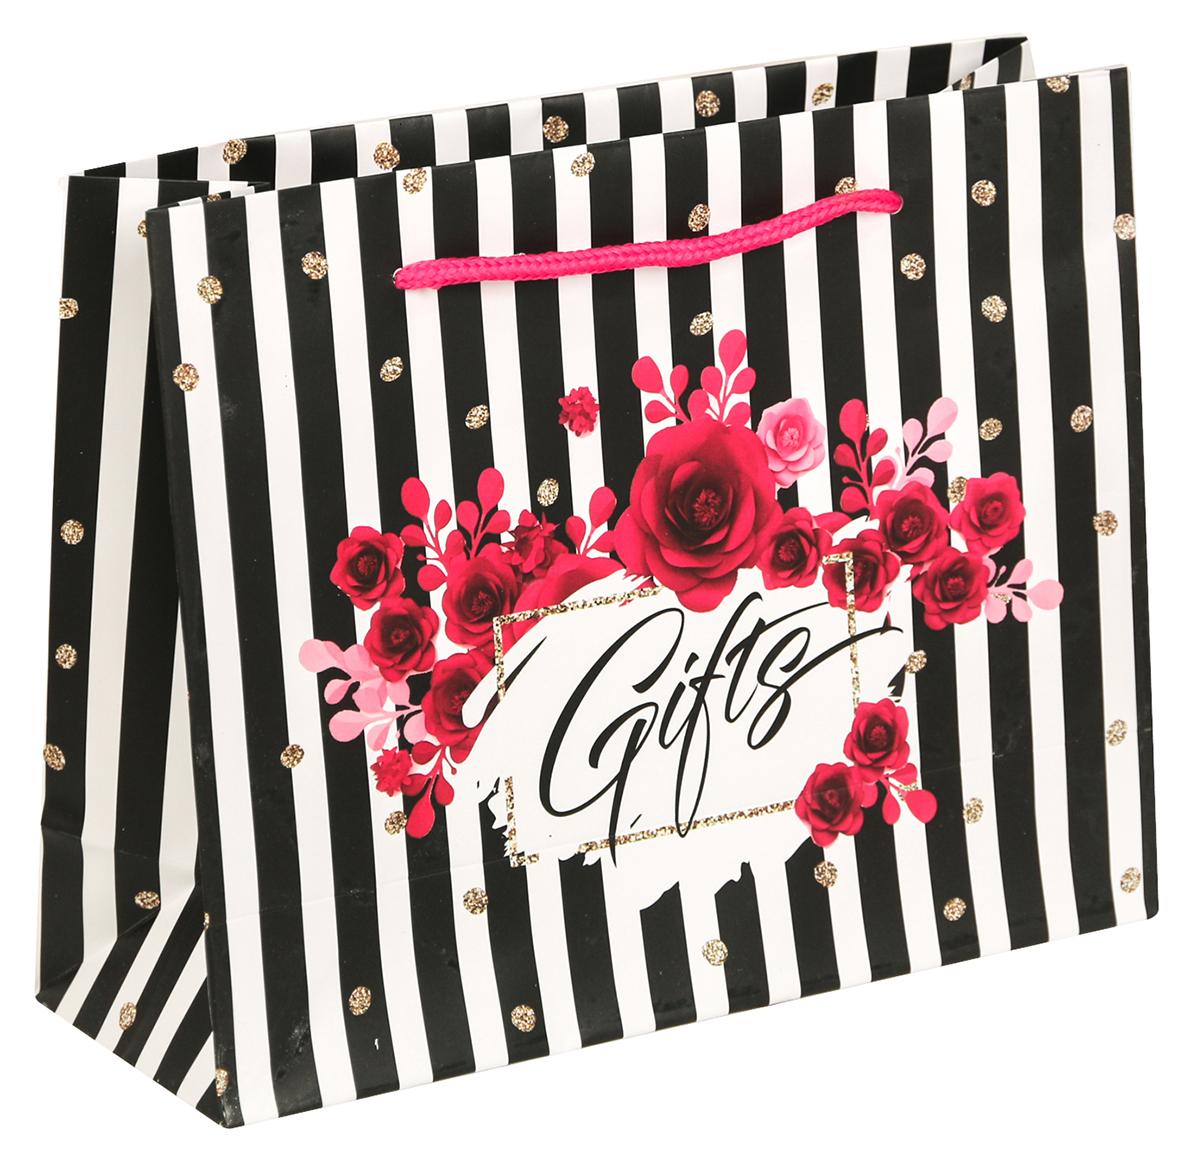 Пакет подарочный Дарите Счастье Gifts, цвет: мультиколор, 22 х 8 х 17,5 см. 26401922640192Невозможно представить нашу жизнь без праздников! Мы всегда ждем их и предвкушаем, обдумываем, как проведем памятный день, тщательно выбираем подарки и аксессуары, ведь именно они создают и поддерживают торжественный настрой - это отличный выбор, который привнесет атмосферу праздника в ваш дом!Любой подарок начинается с упаковки. Что может быть трогательнее и волшебнее, чем ритуал разворачивания полученного презента. И именно оригинальная, со вкусом выбранная упаковка выделит ваш подарок из массы других. Она продемонстрирует самые теплые чувства к виновнику торжества и создаст сказочную атмосферу праздника - это то, что вы искали.